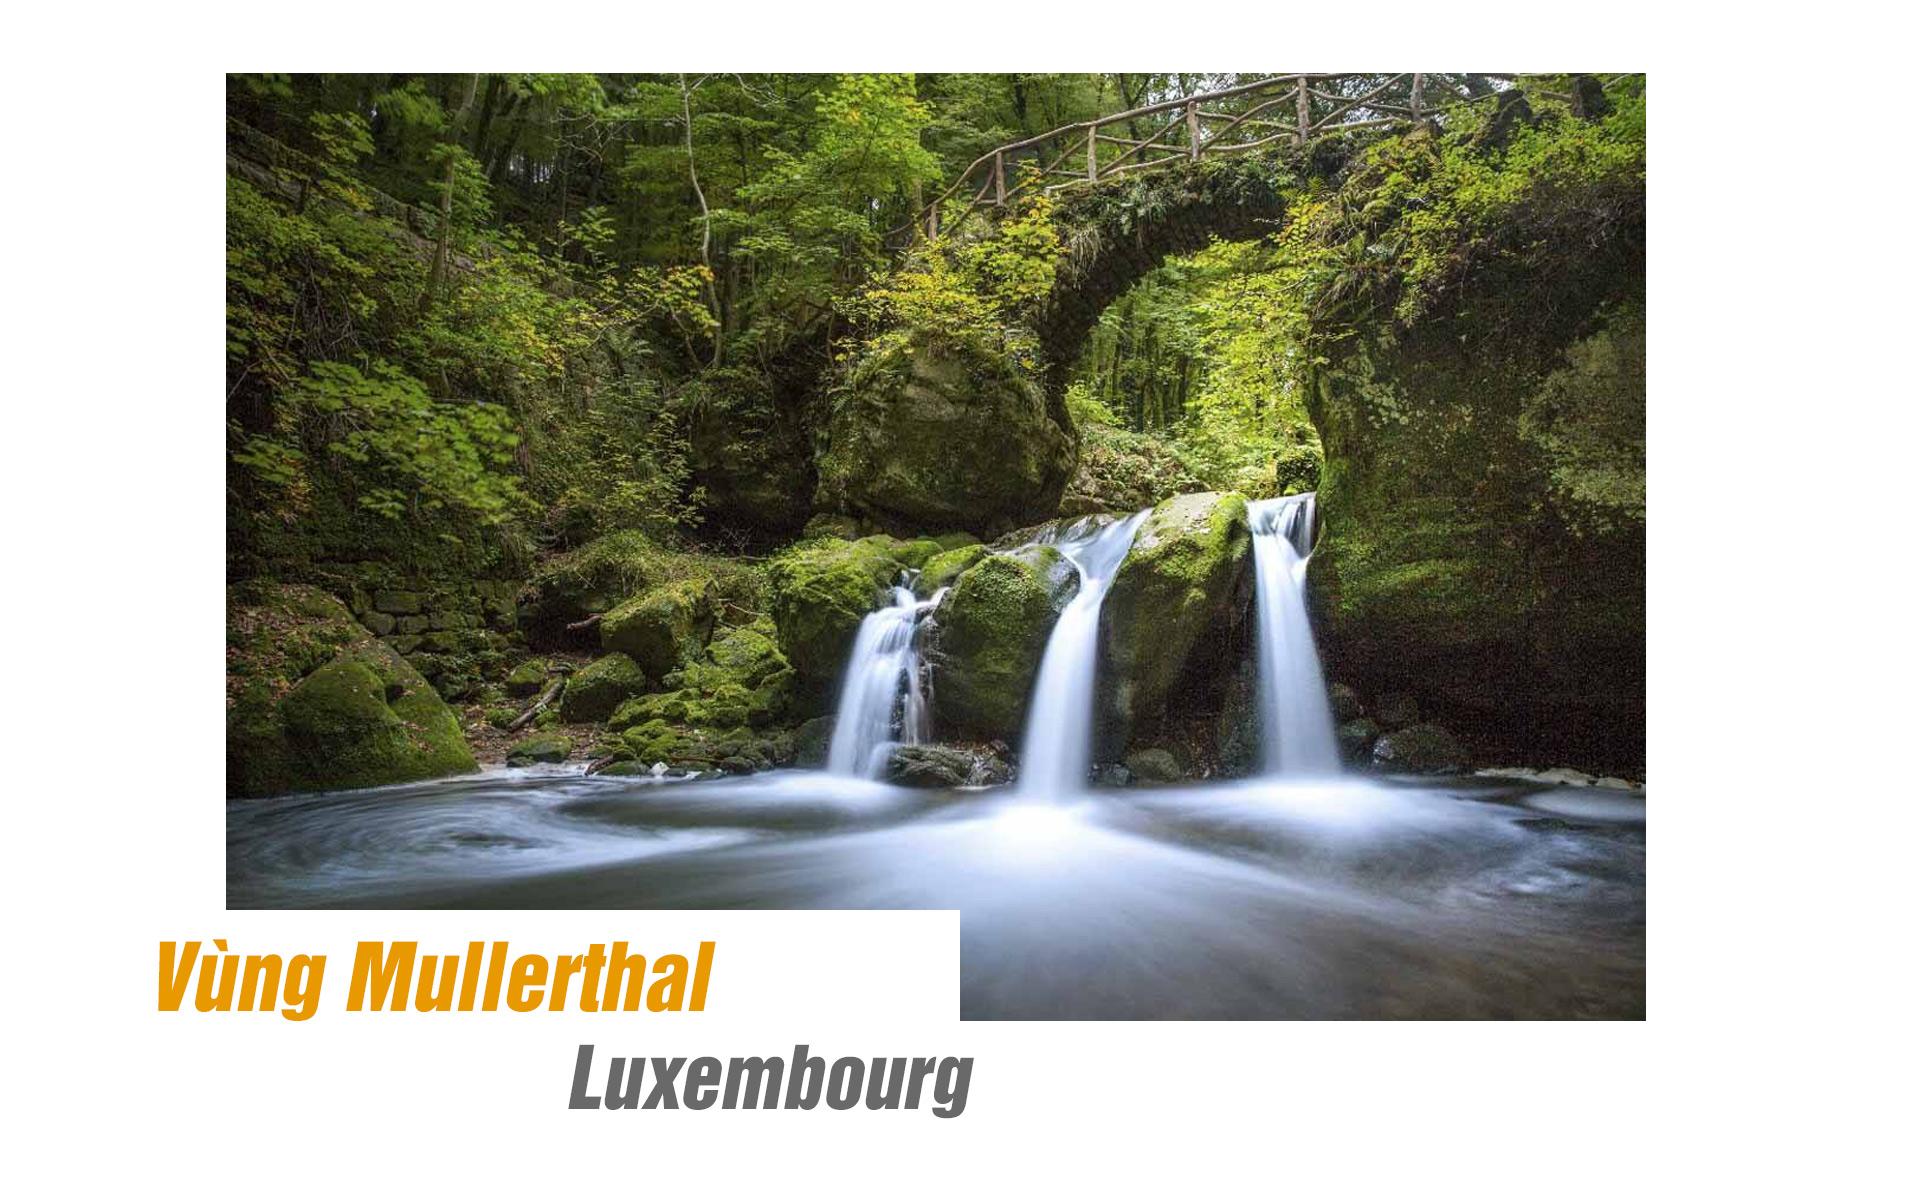 Những thiên đường đẹp nhất châu Âu thu hút hàng triệu du khách mỗi năm - 9